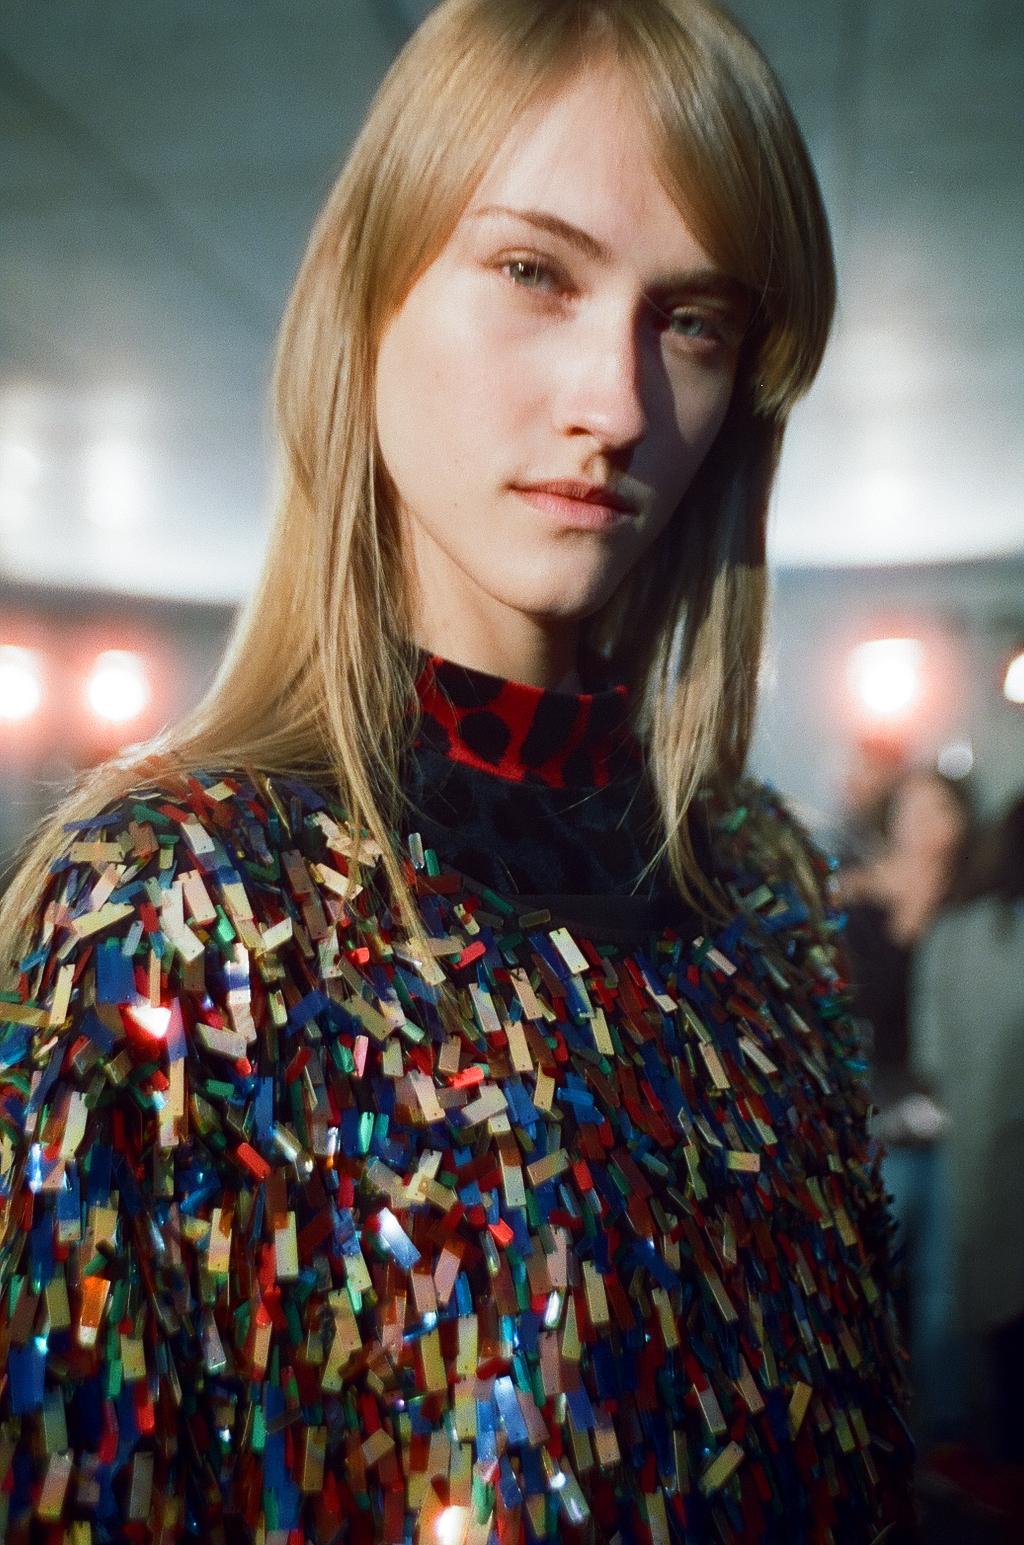 honigschreck _ honigstein _ fashionweek_ odeeh (7).jpg